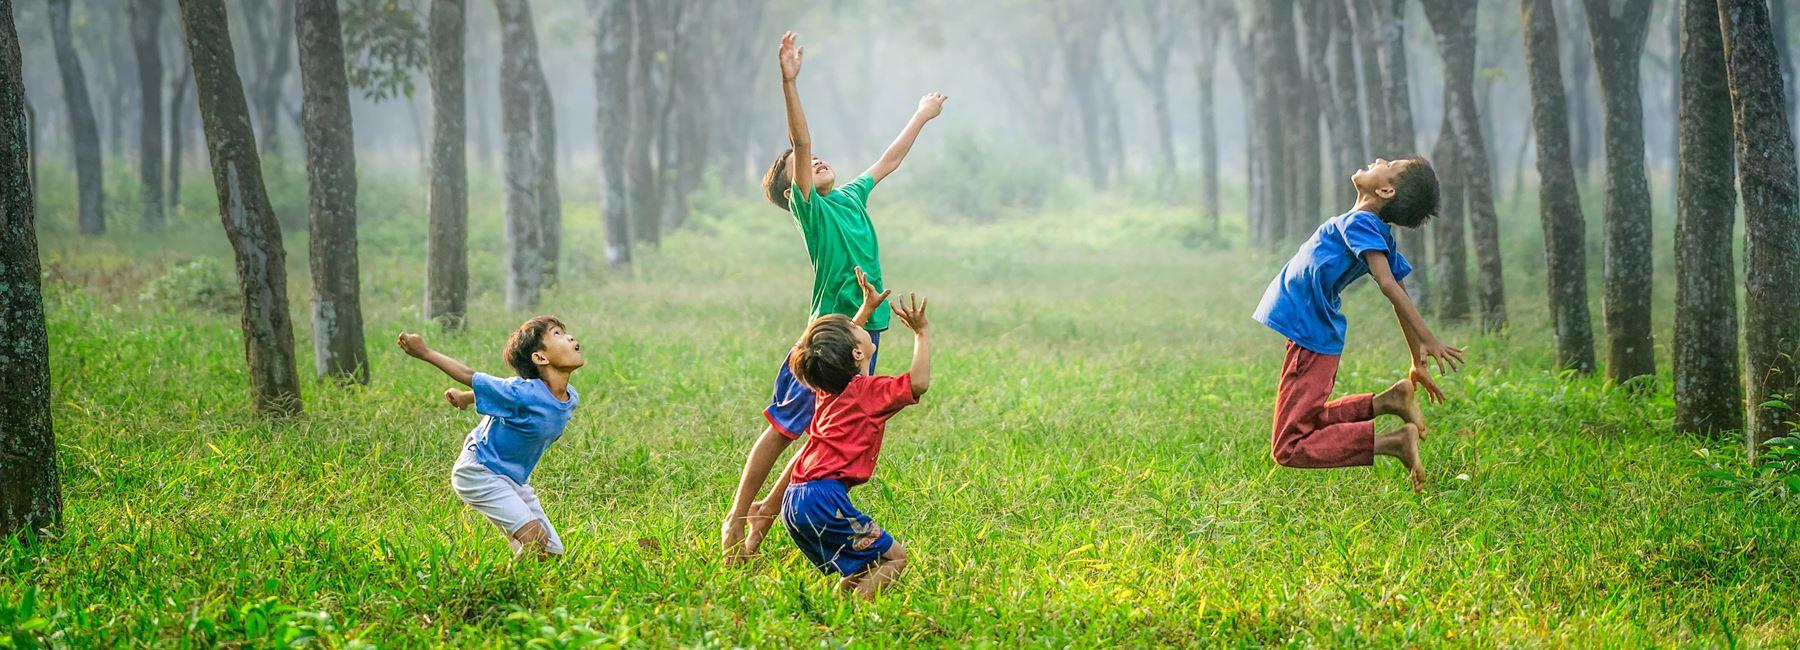 Barn som hoppar högt i gräset